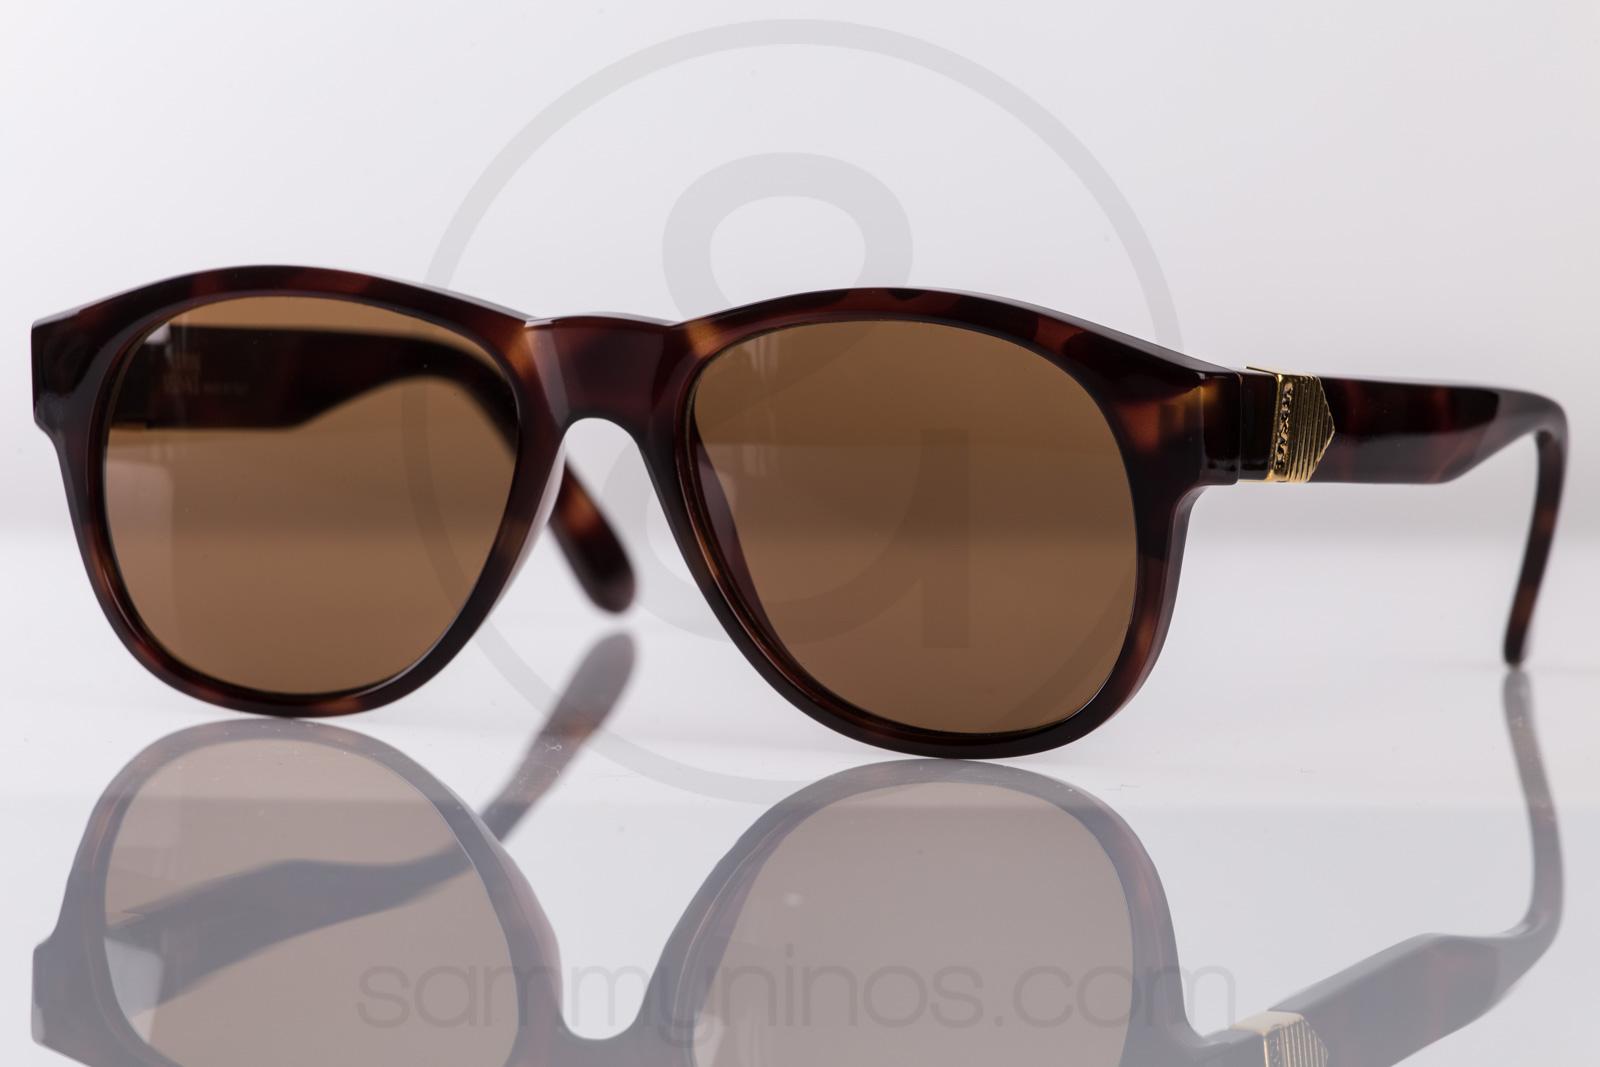 2960f5c845 Gianni Versace 410 900 – Sammy & Nino's Store